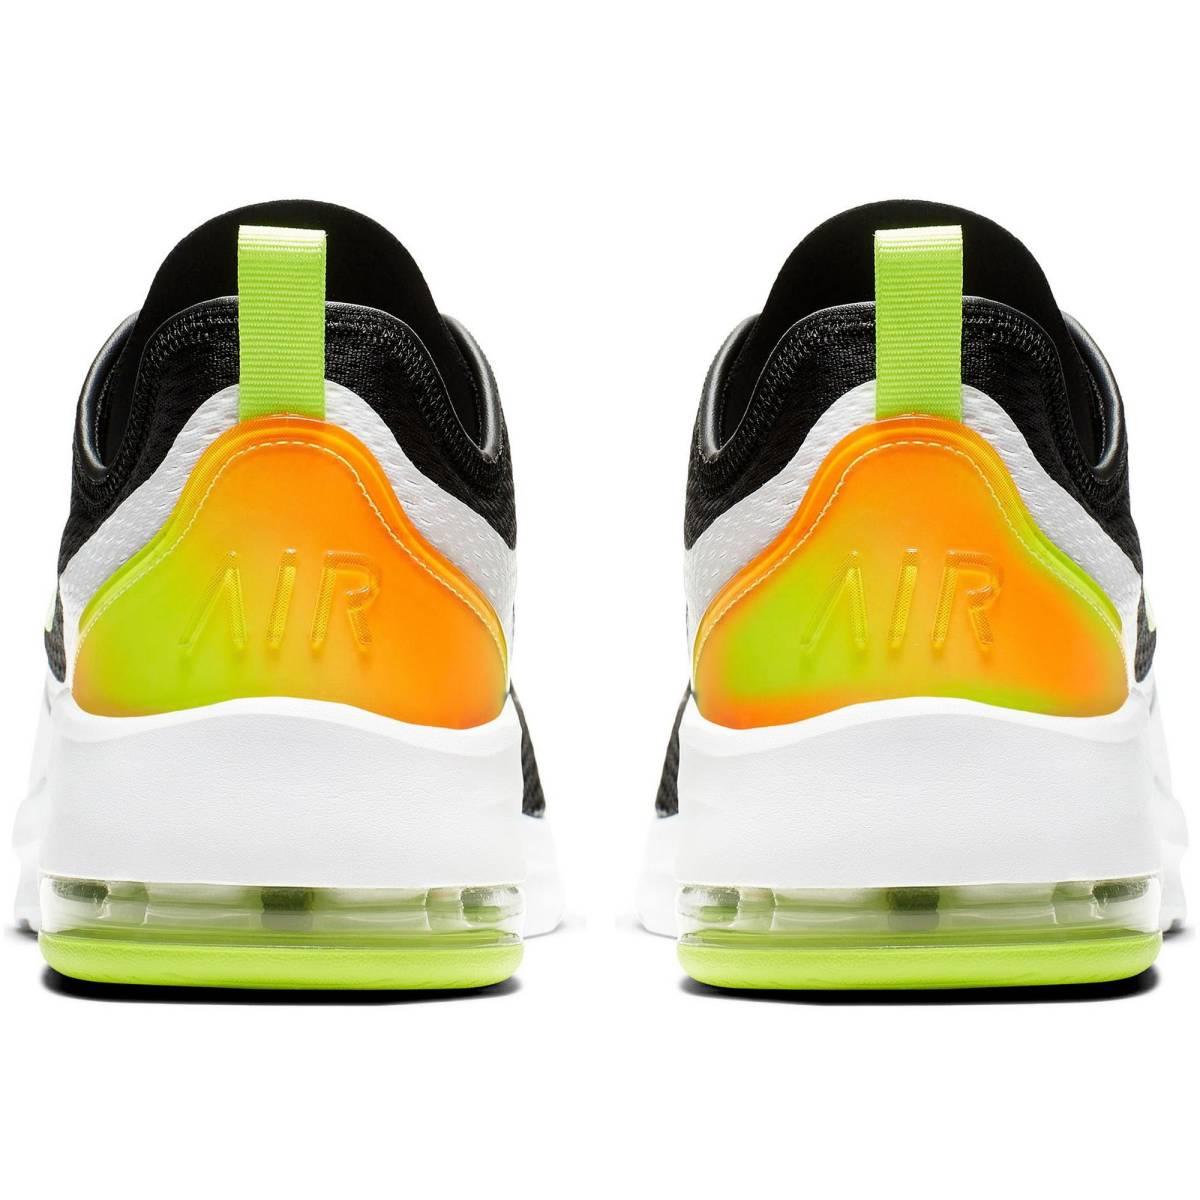 Nike Air Max Motion 2 Herren Sneaker schwarz weiß gelb AO0266 007